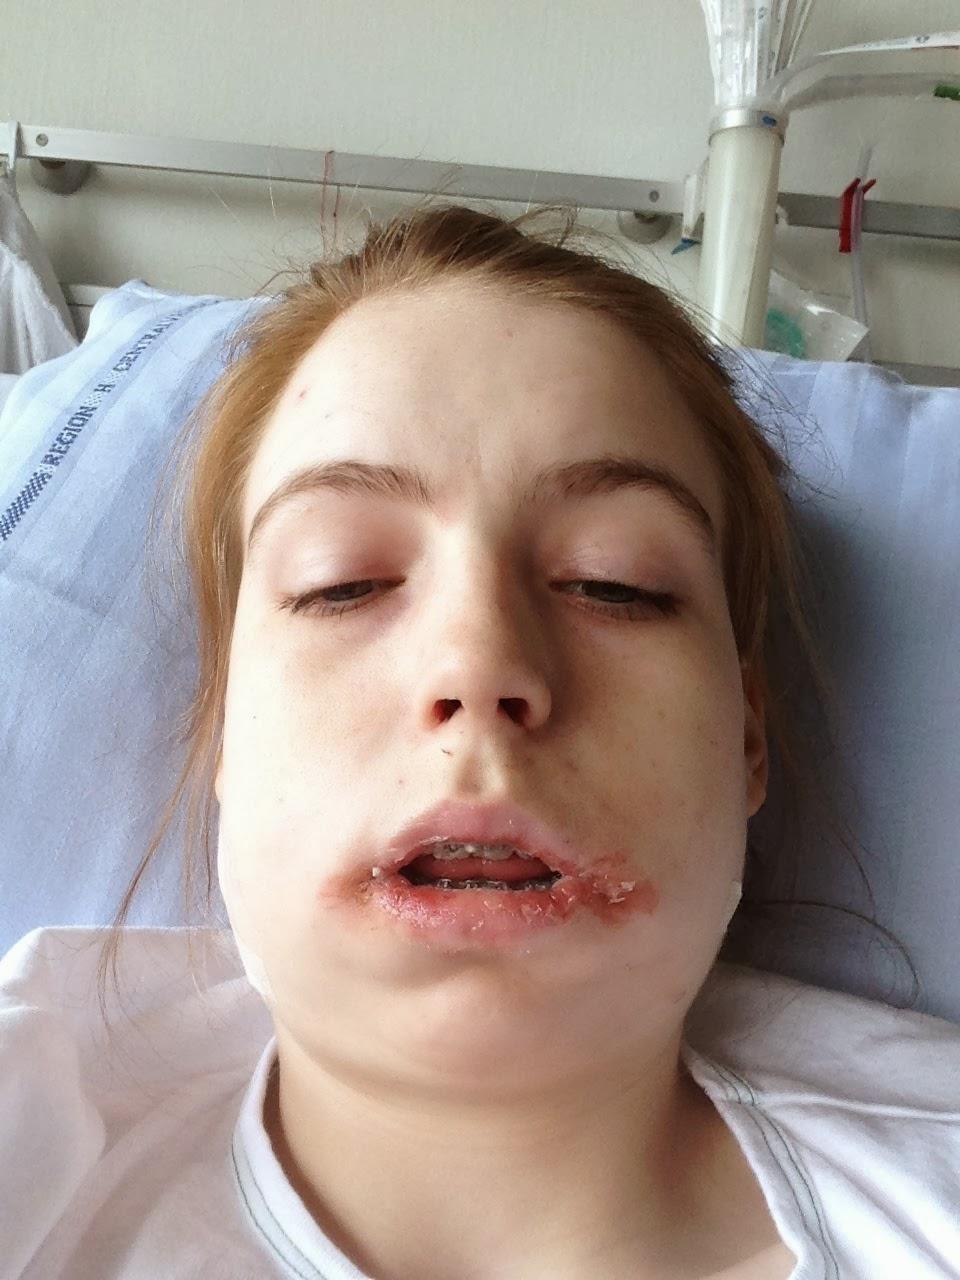 hævelse efter operation i munden